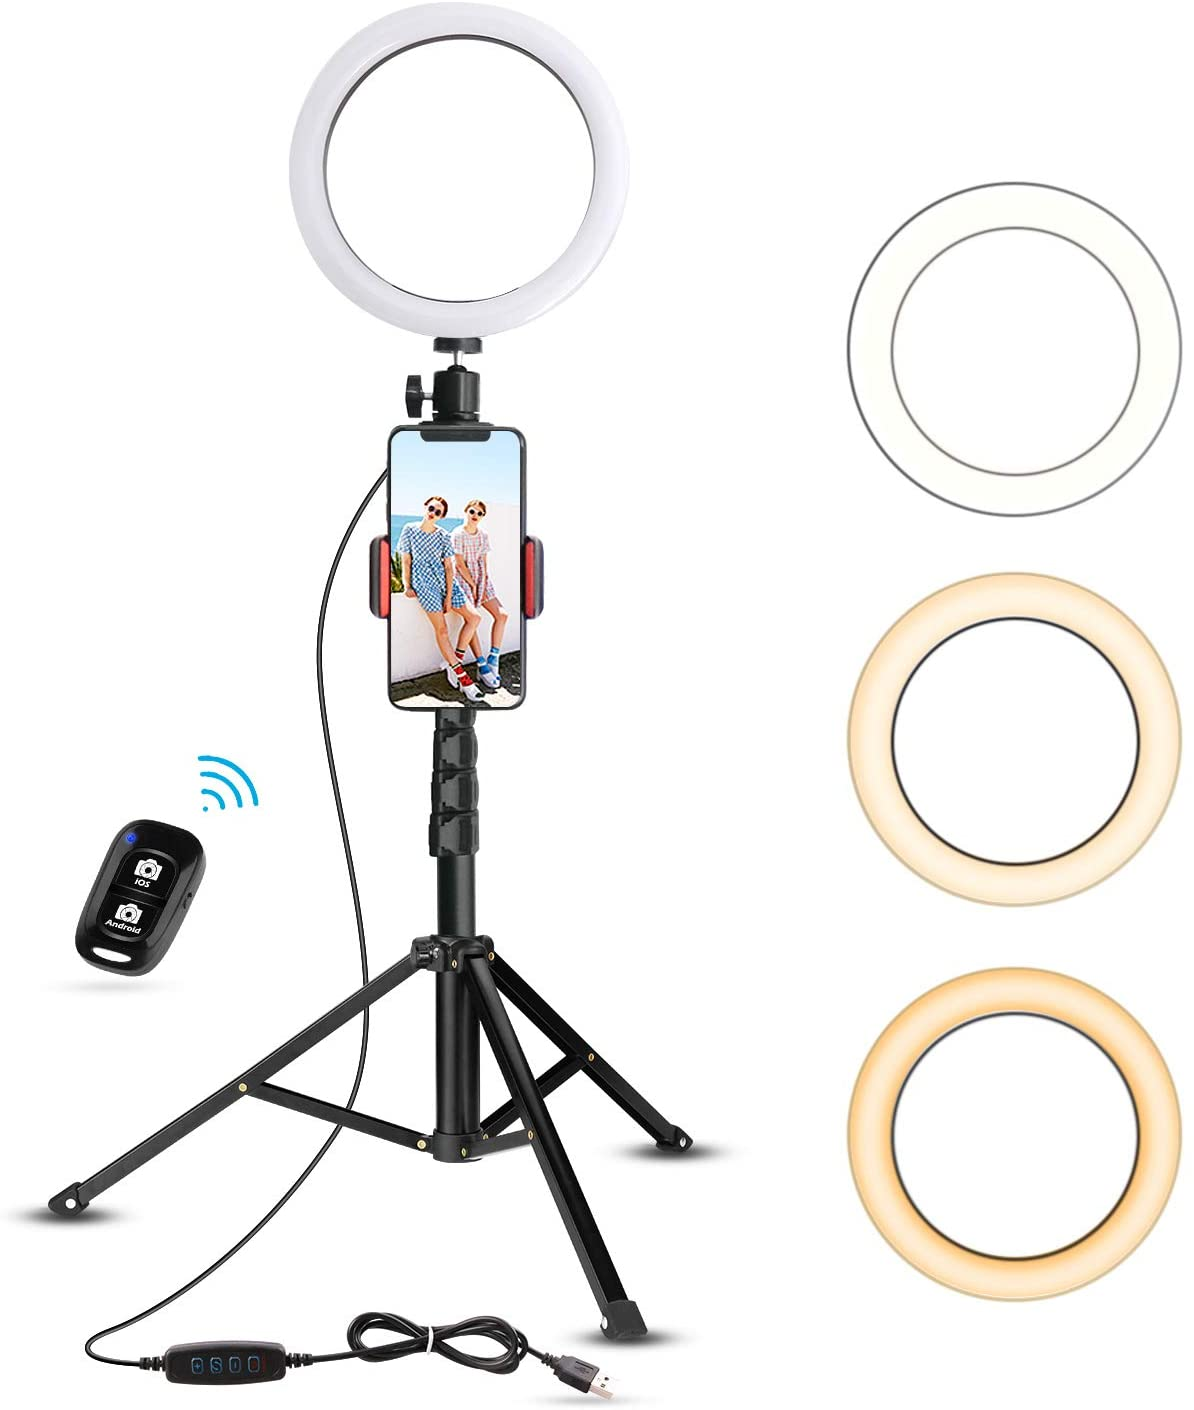 UBeesize Mini Led Camera Ringlight